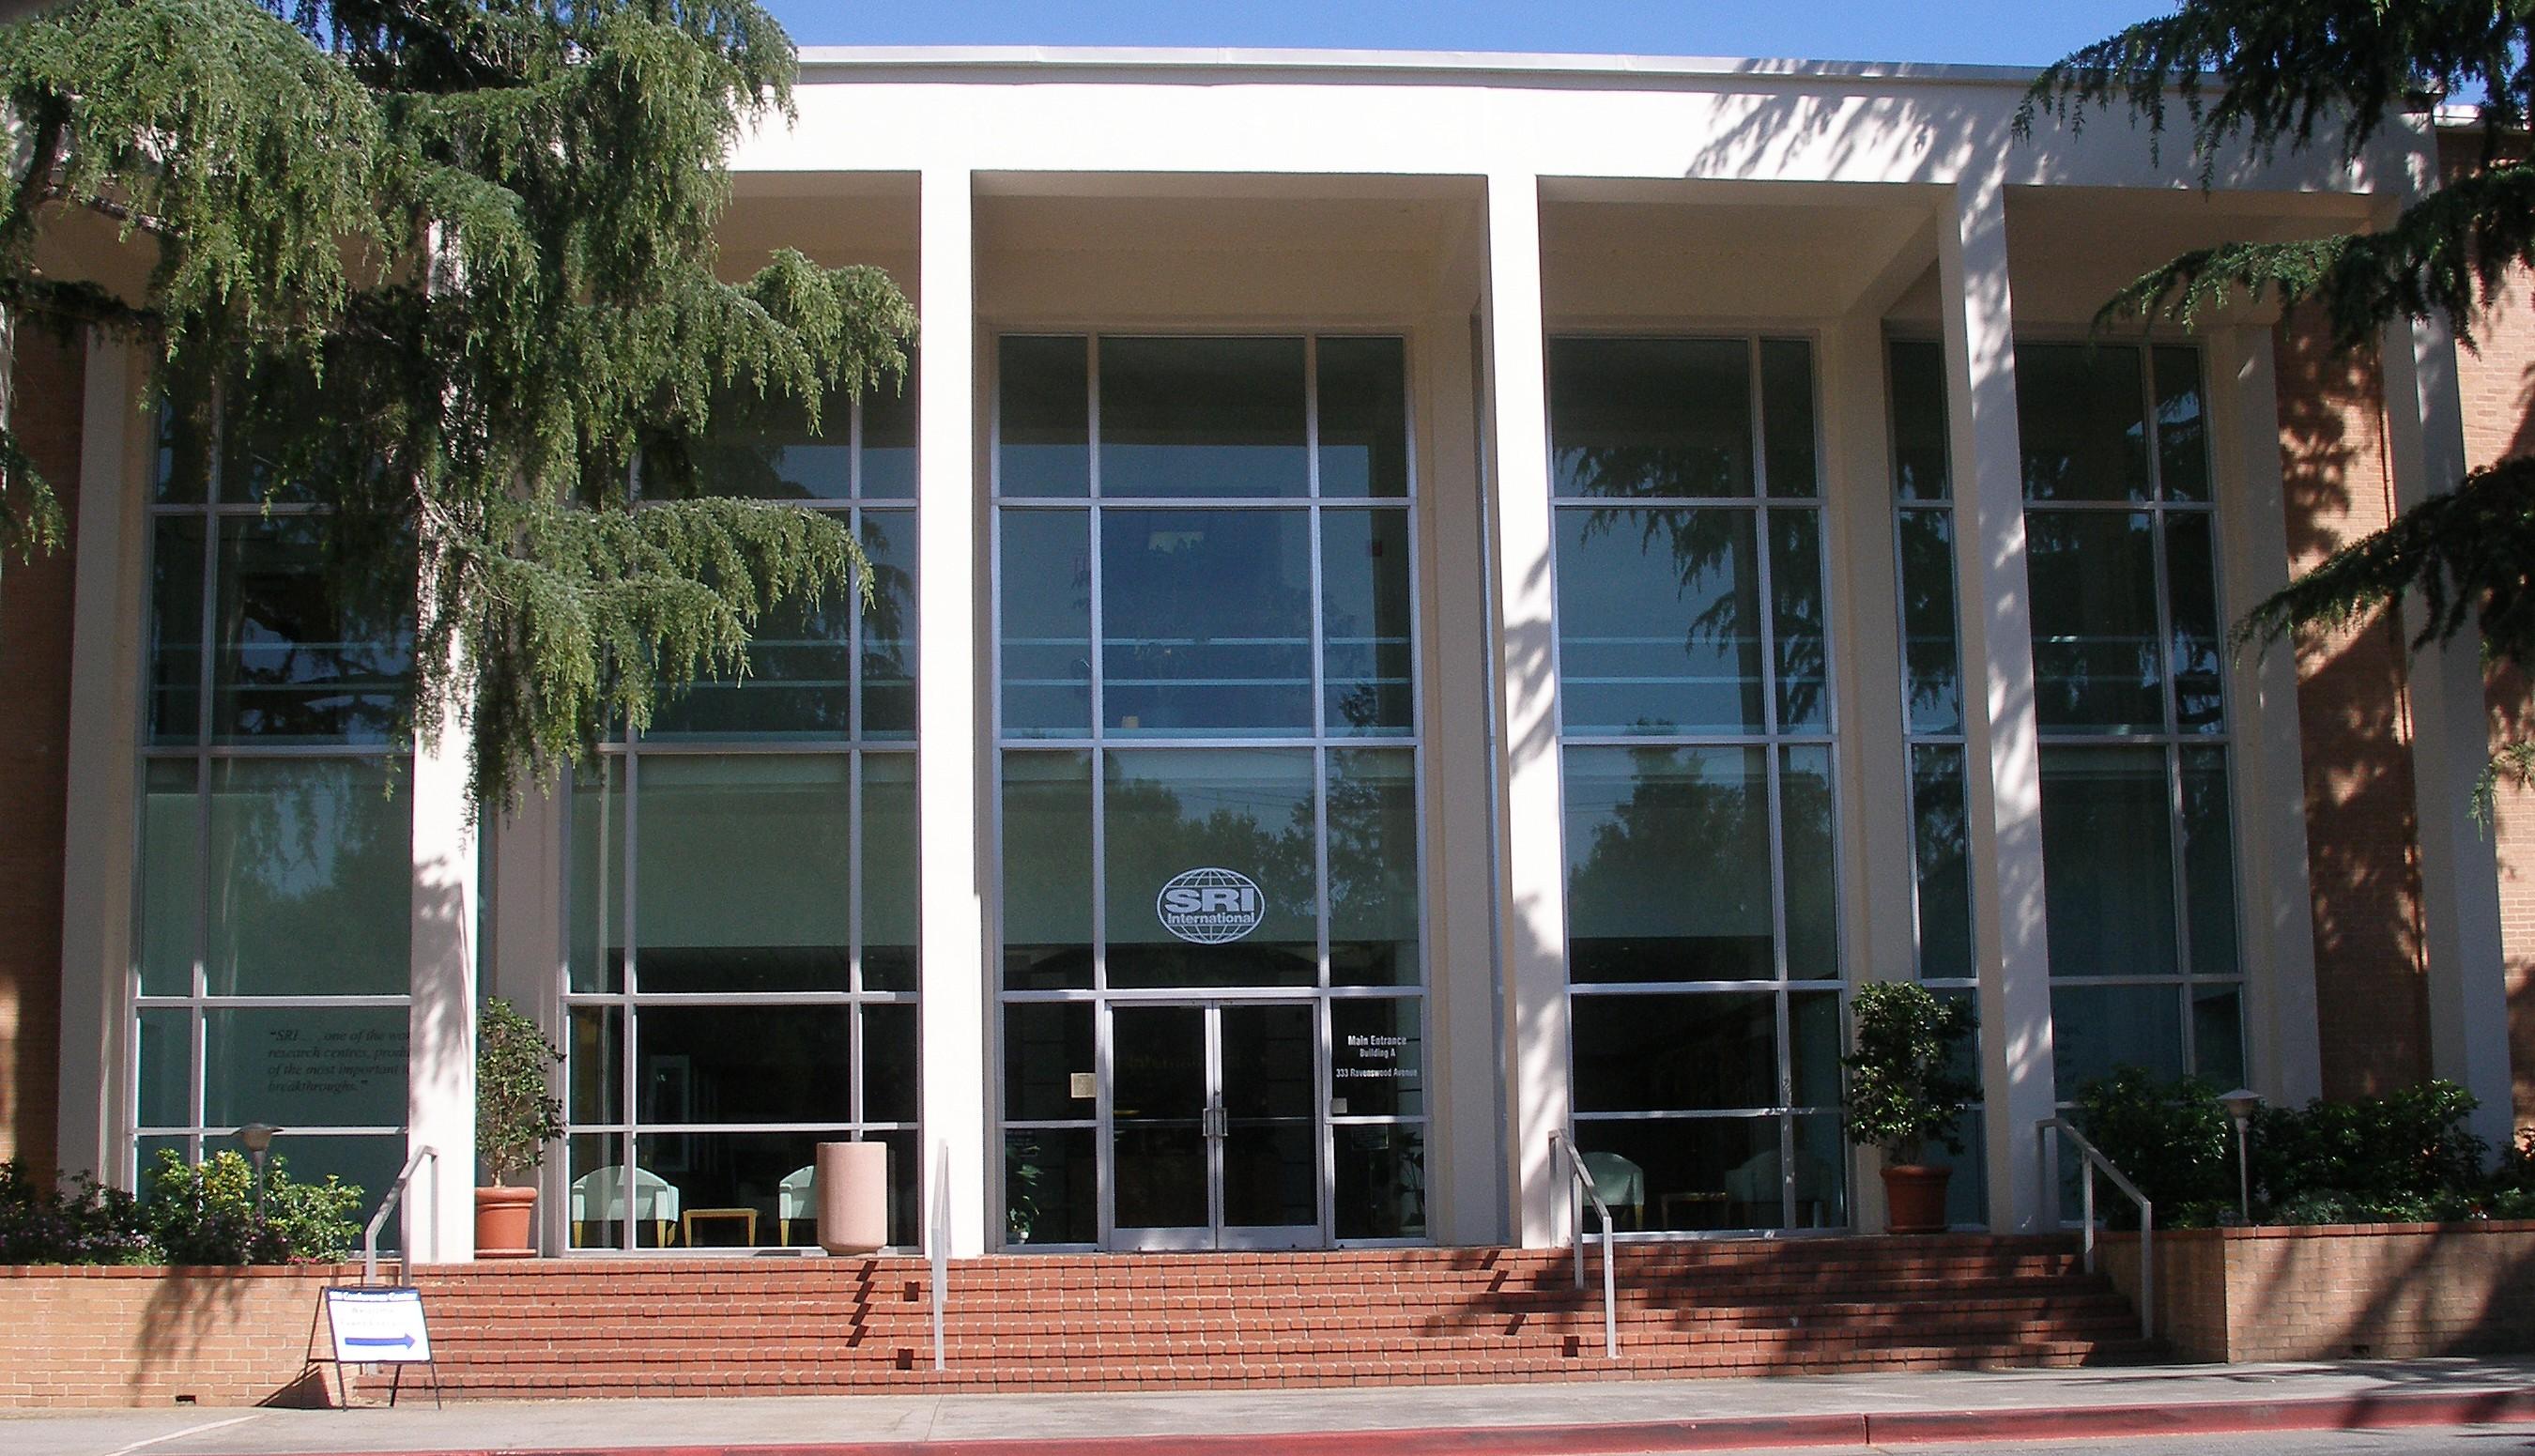 Entrada de sede principal de SRI International en [[Menlo Park